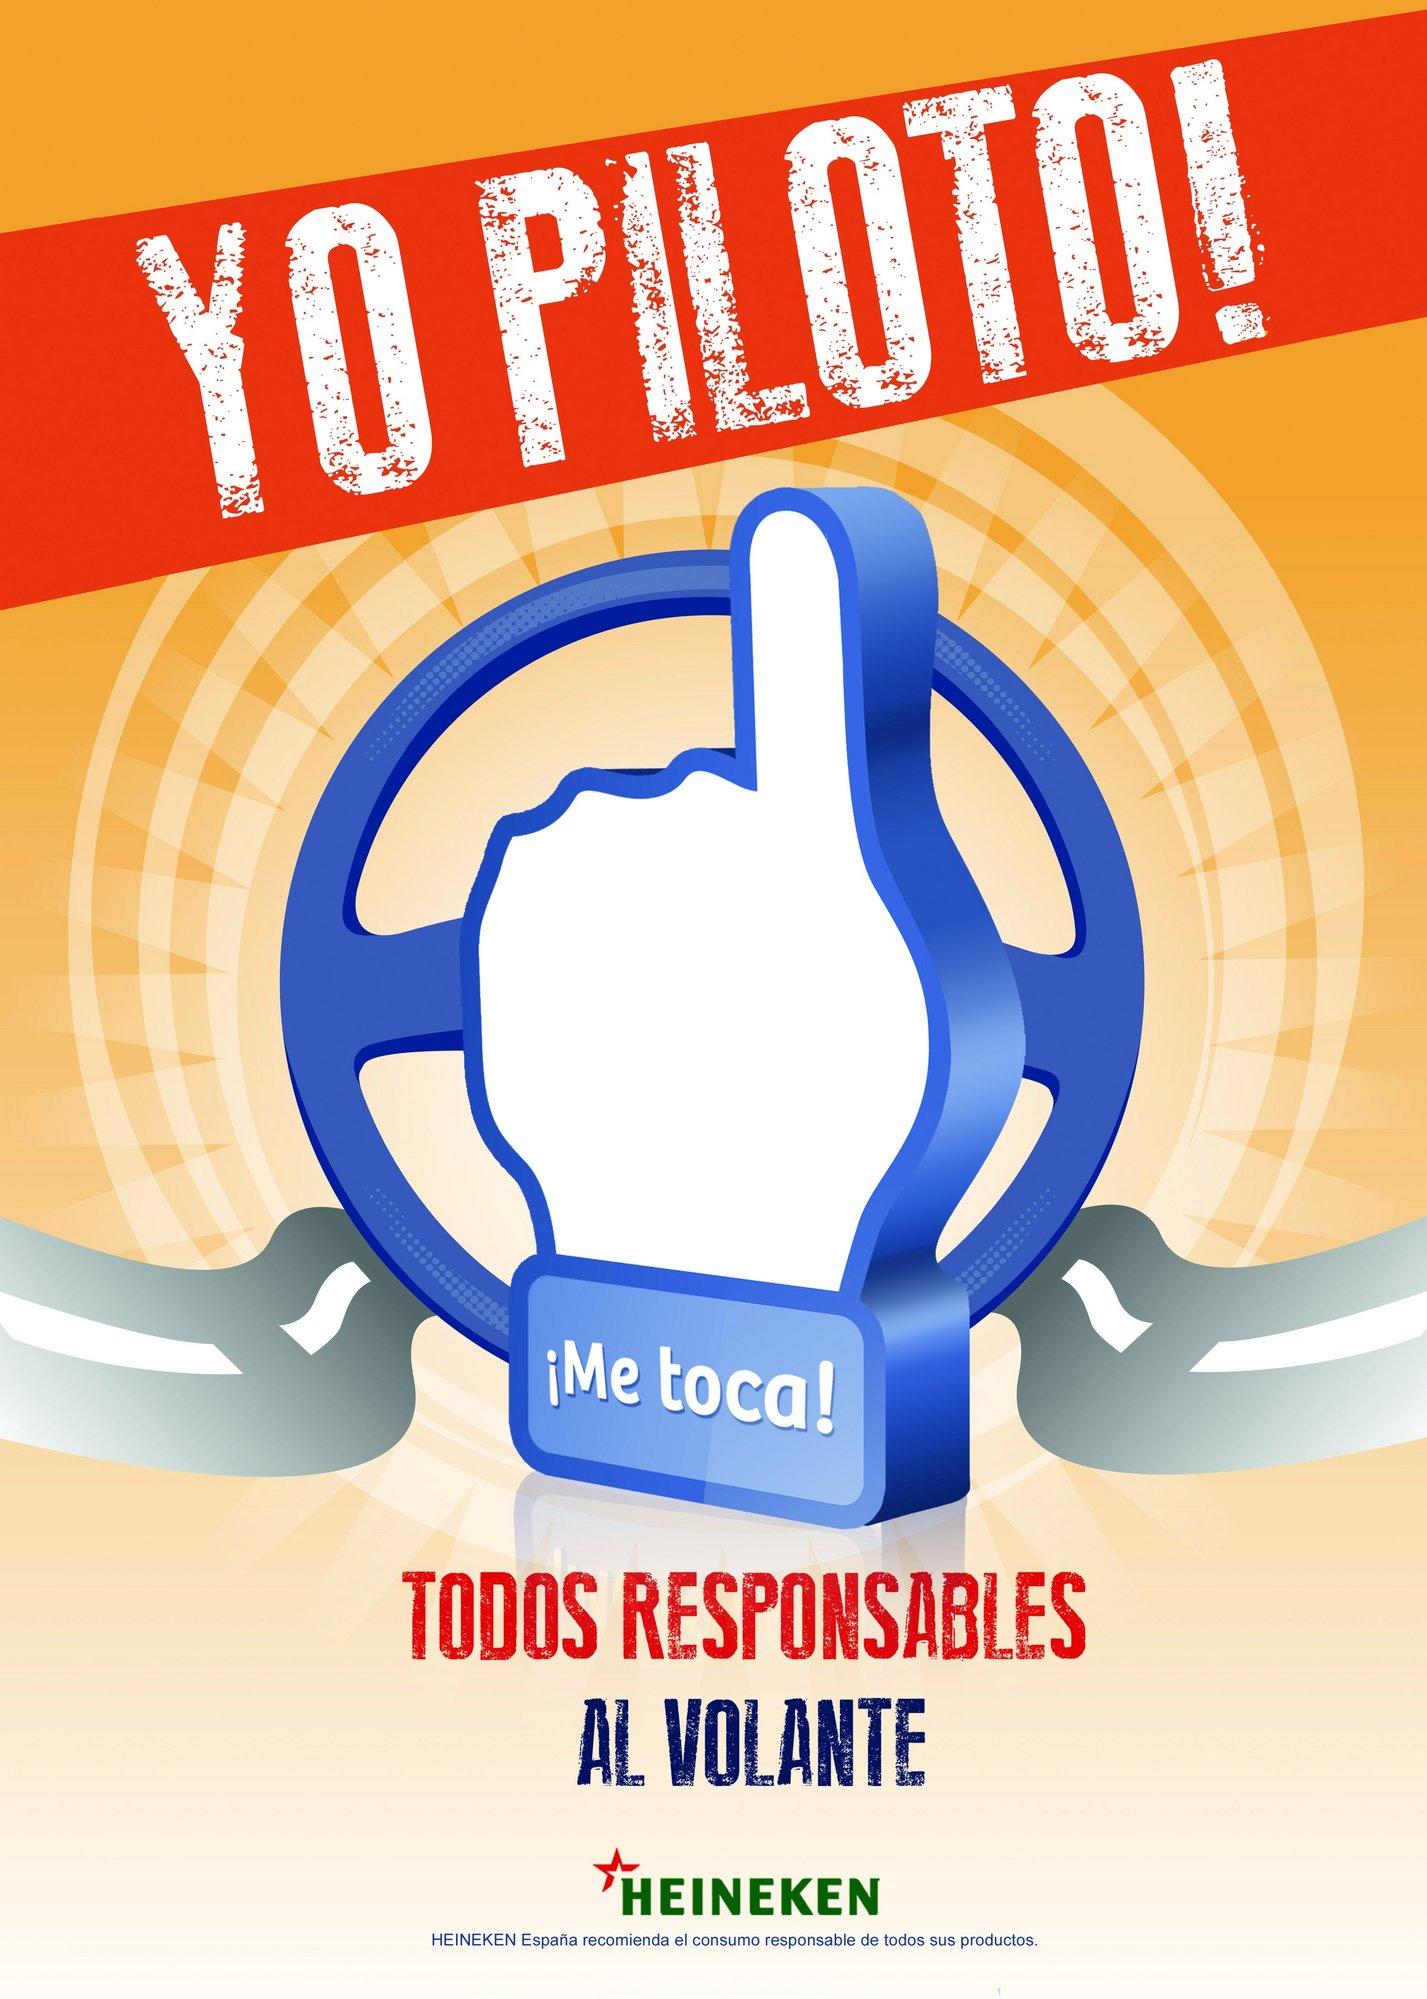 Heineken España lanza una campaña para jóvenes sobre conducción responsable